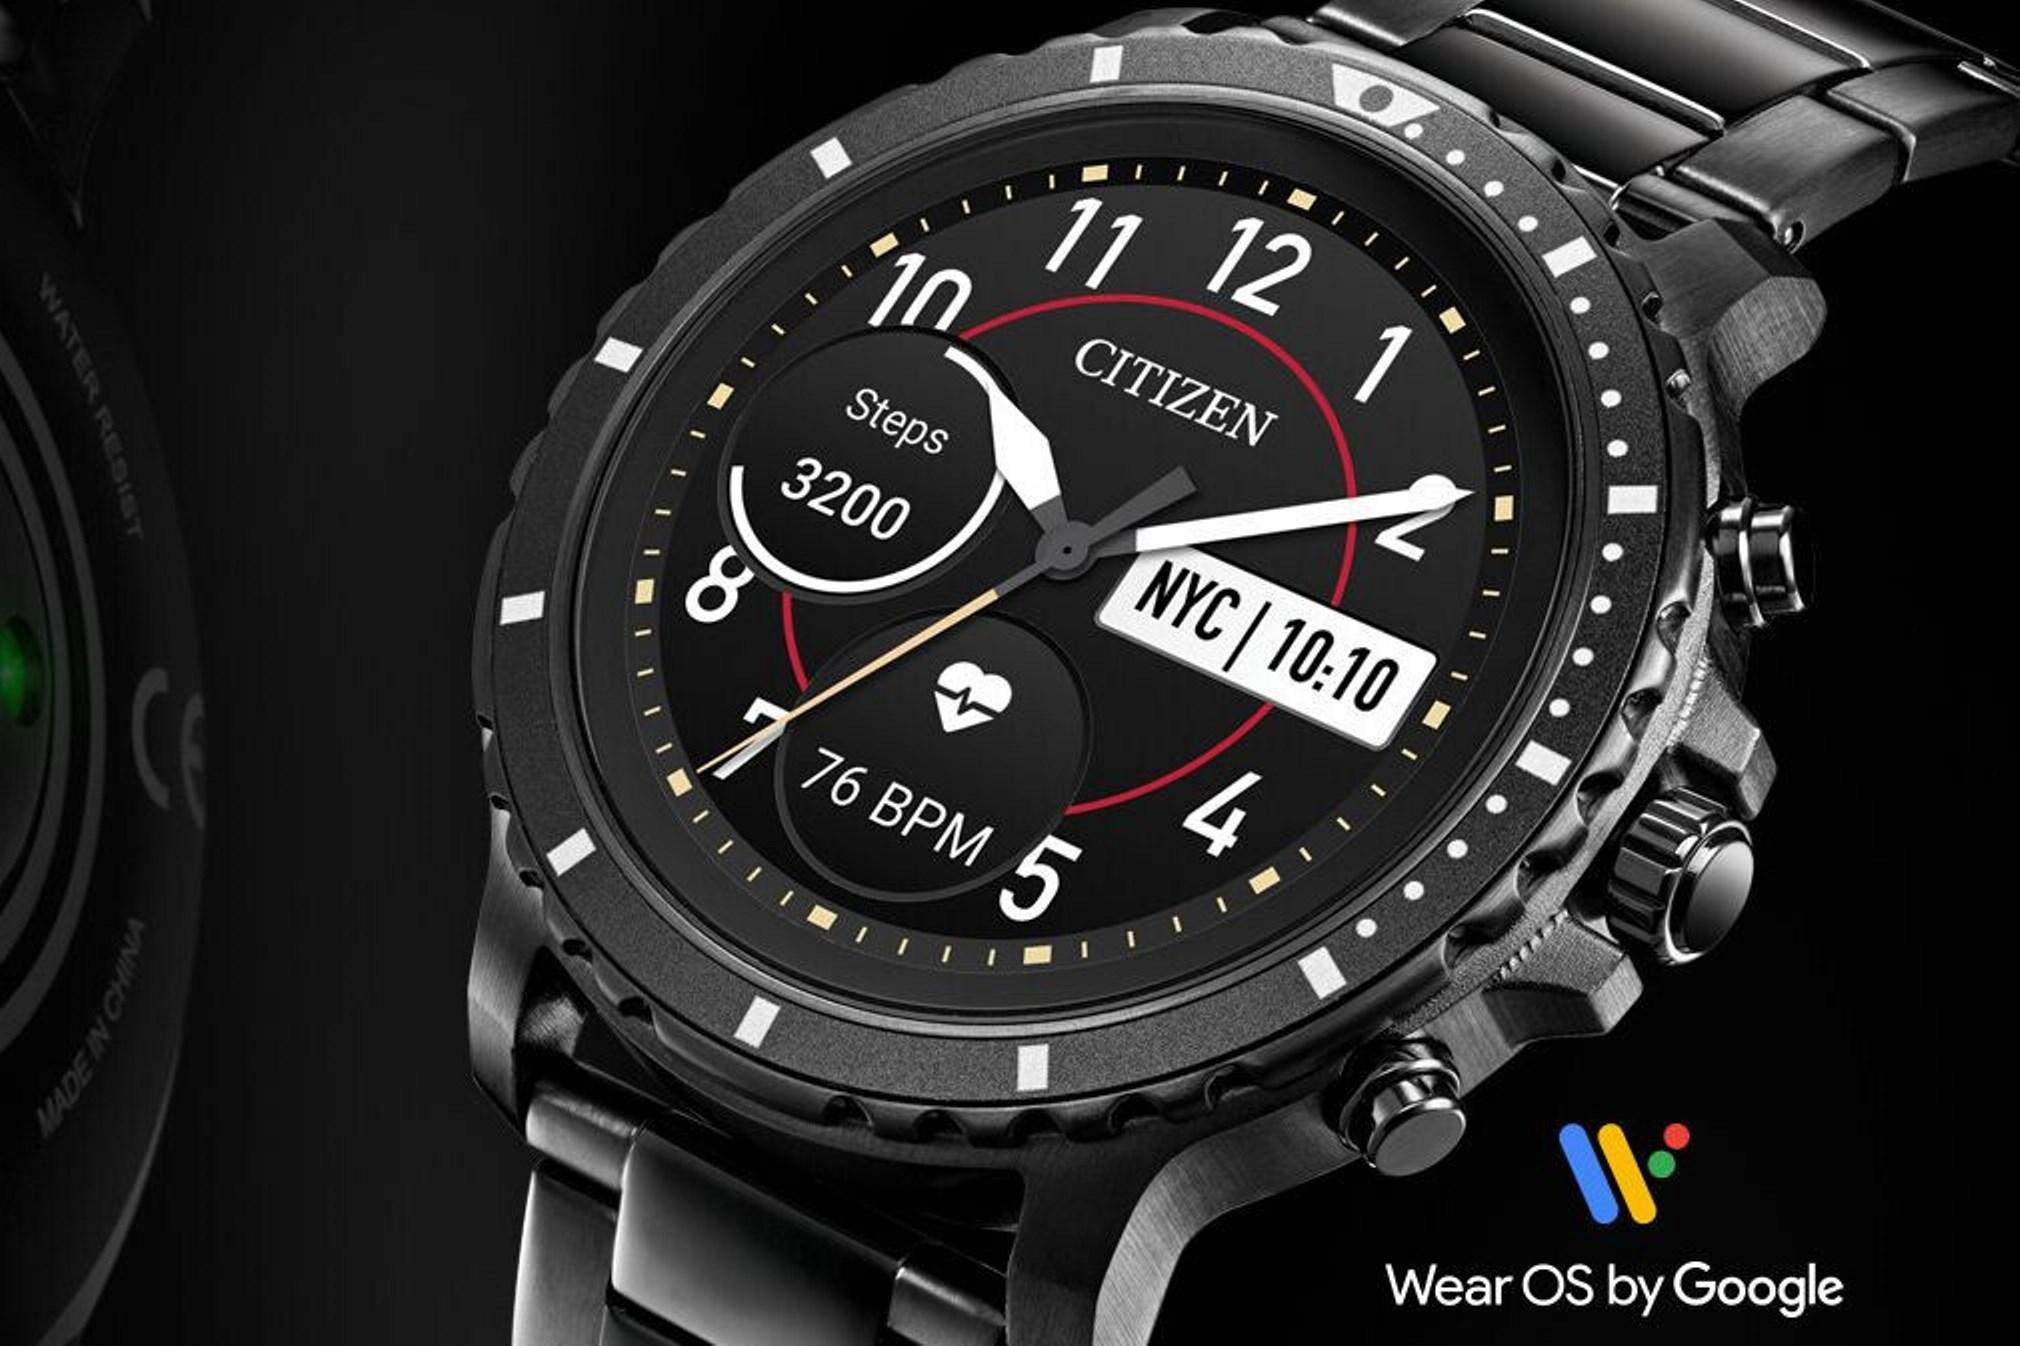 Citizen uvedlo své první chytré hodinky CZ Smart